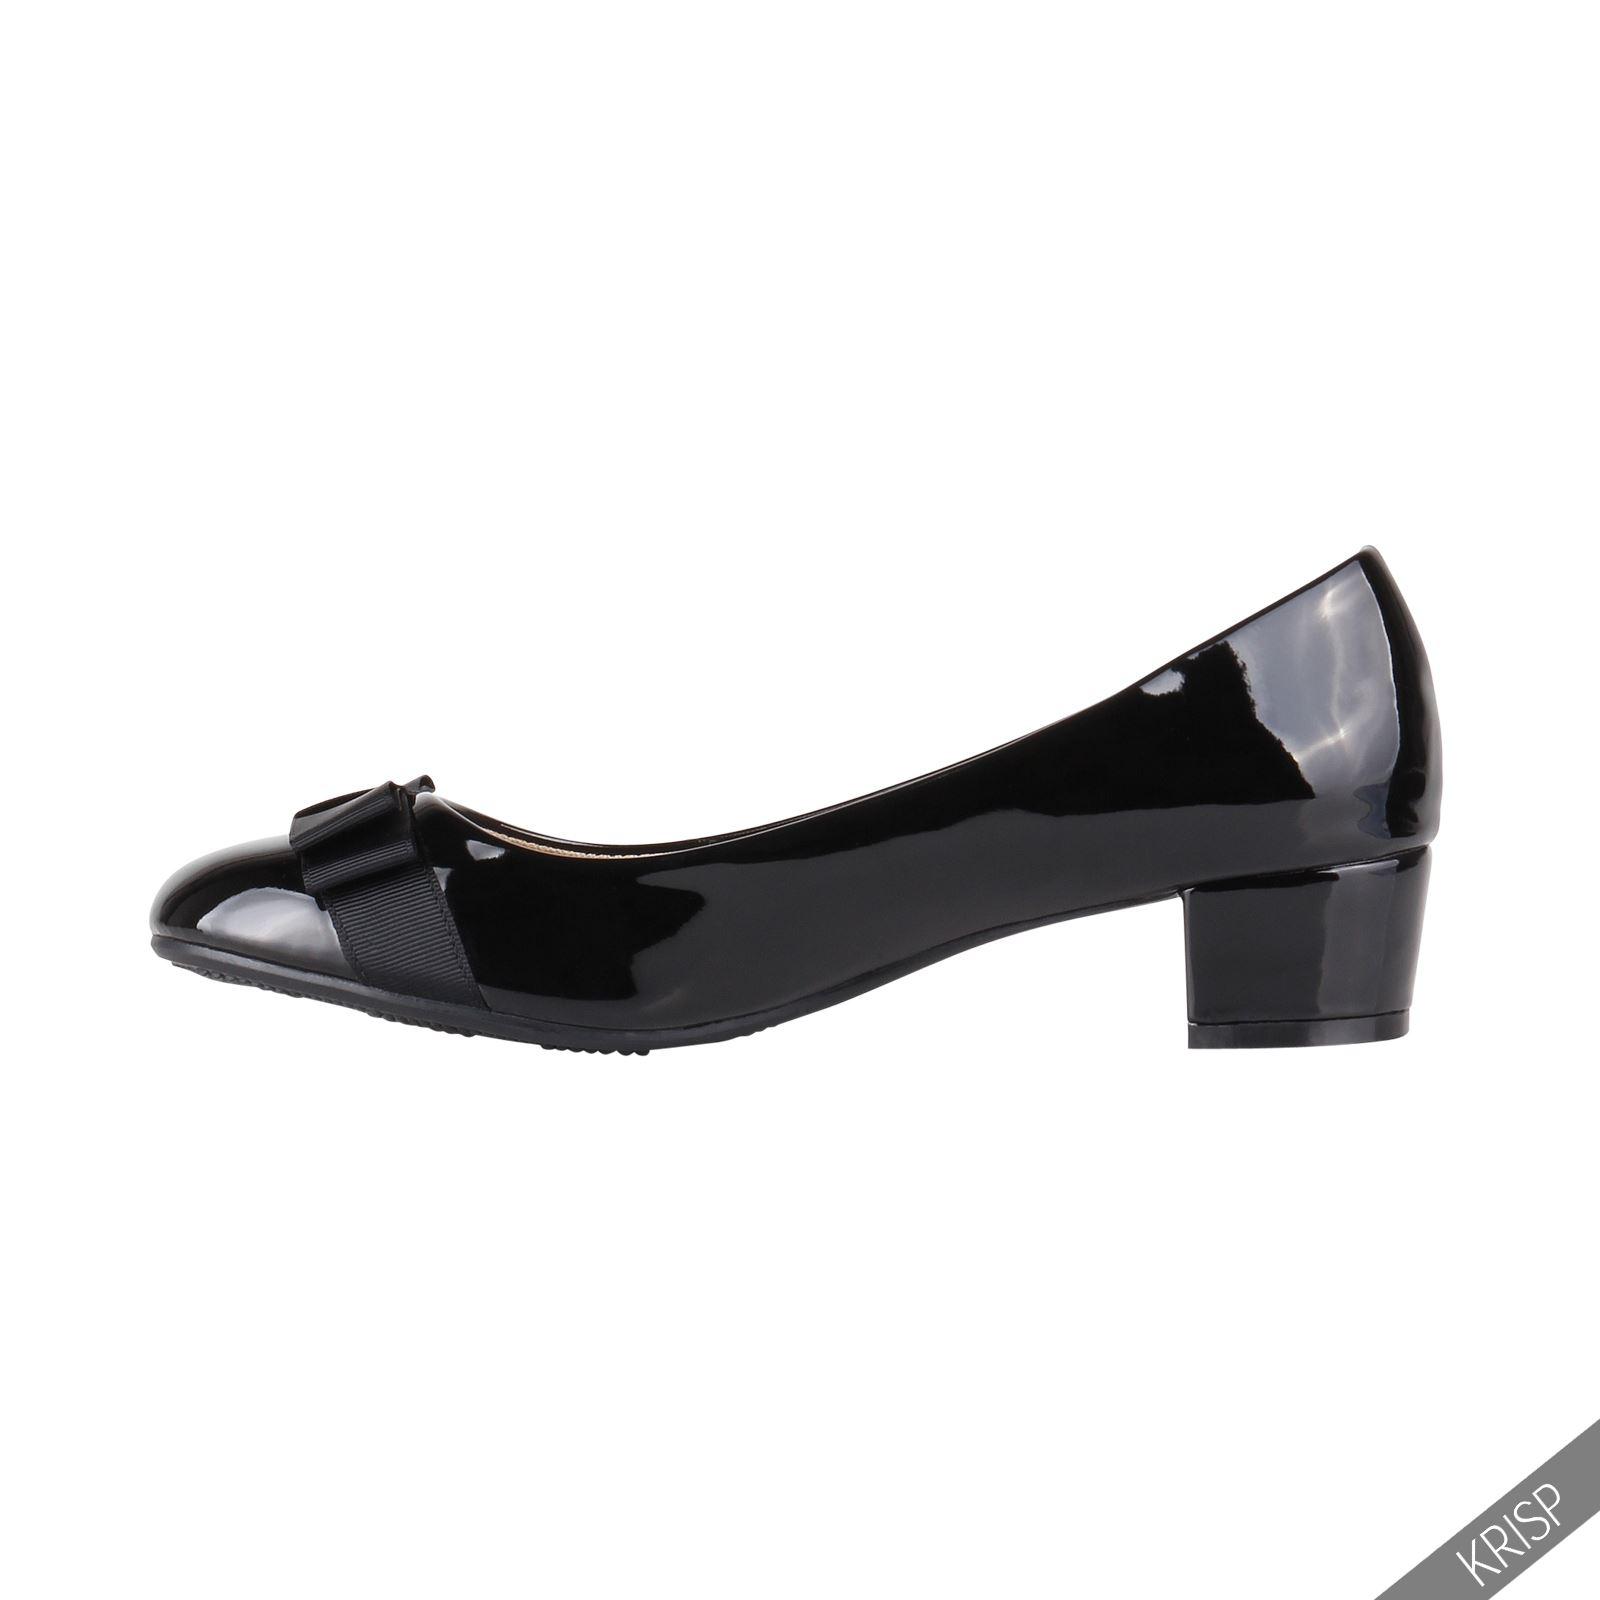 Ladies Black Patent Court Shoes